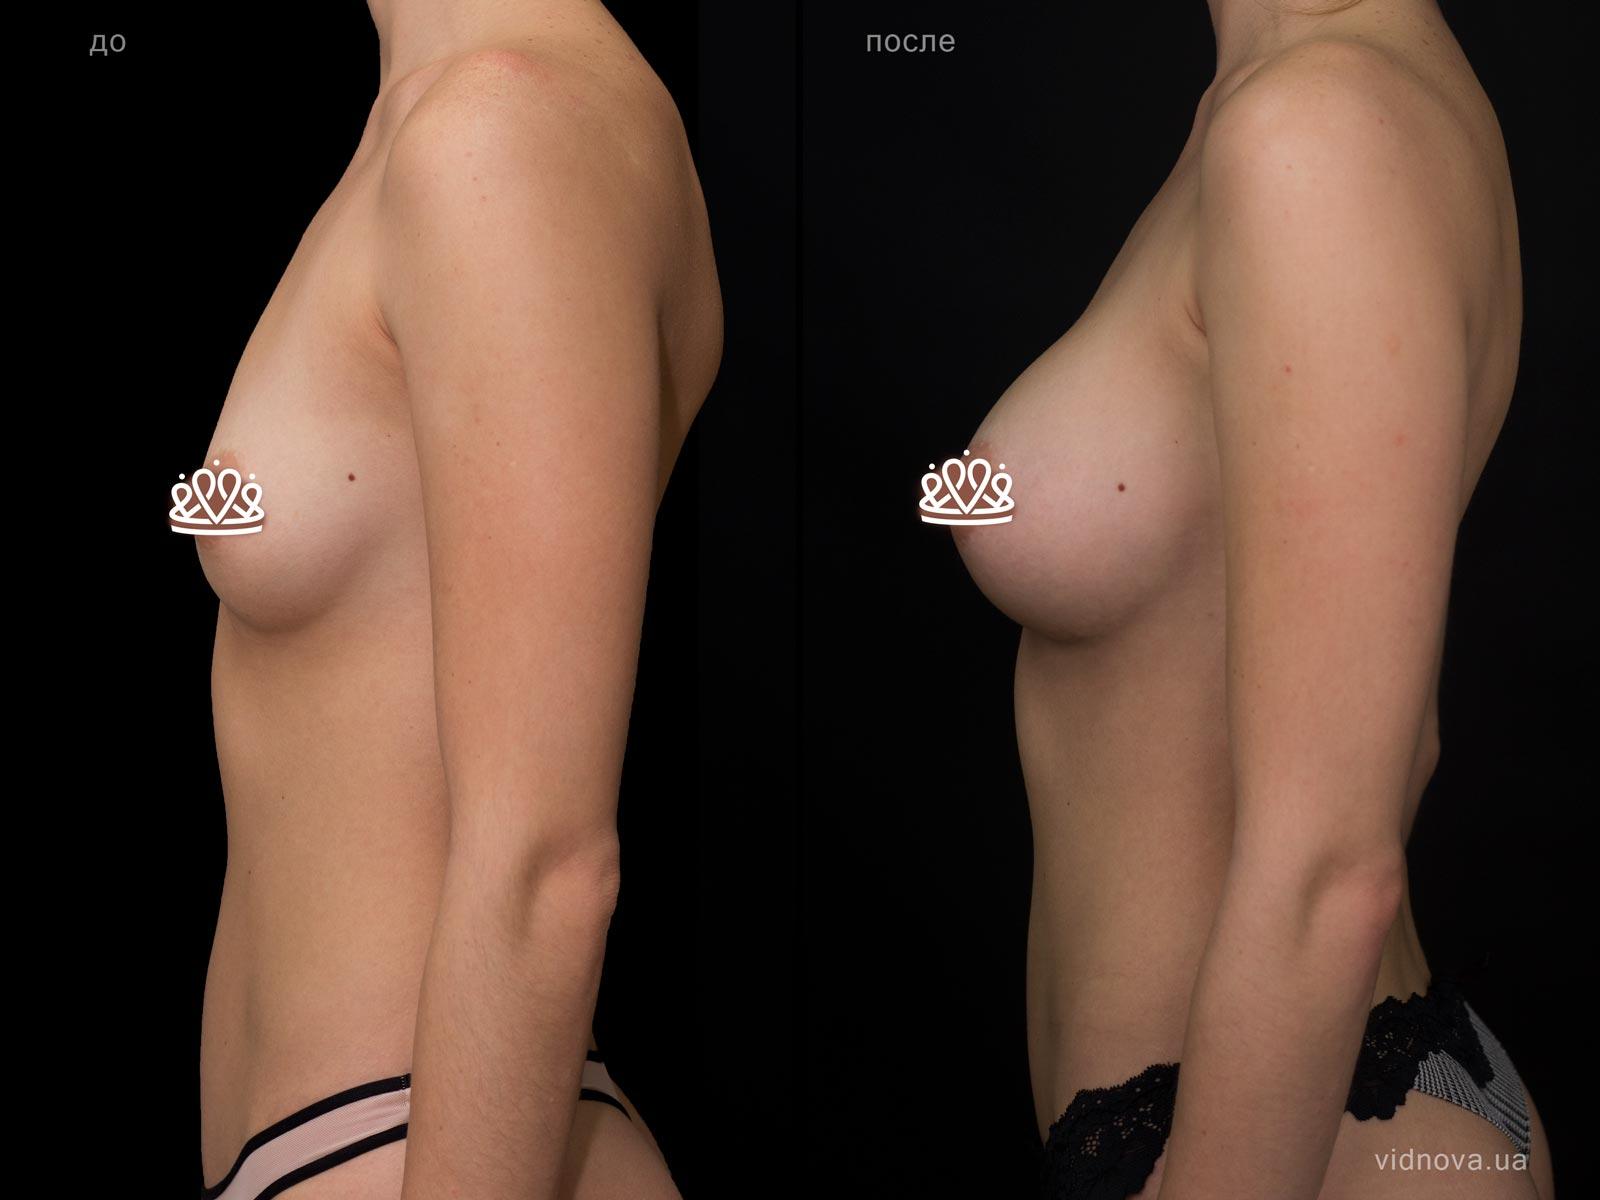 Пластика груди: результаты до и после - Пример №110-2 - Светлана Работенко